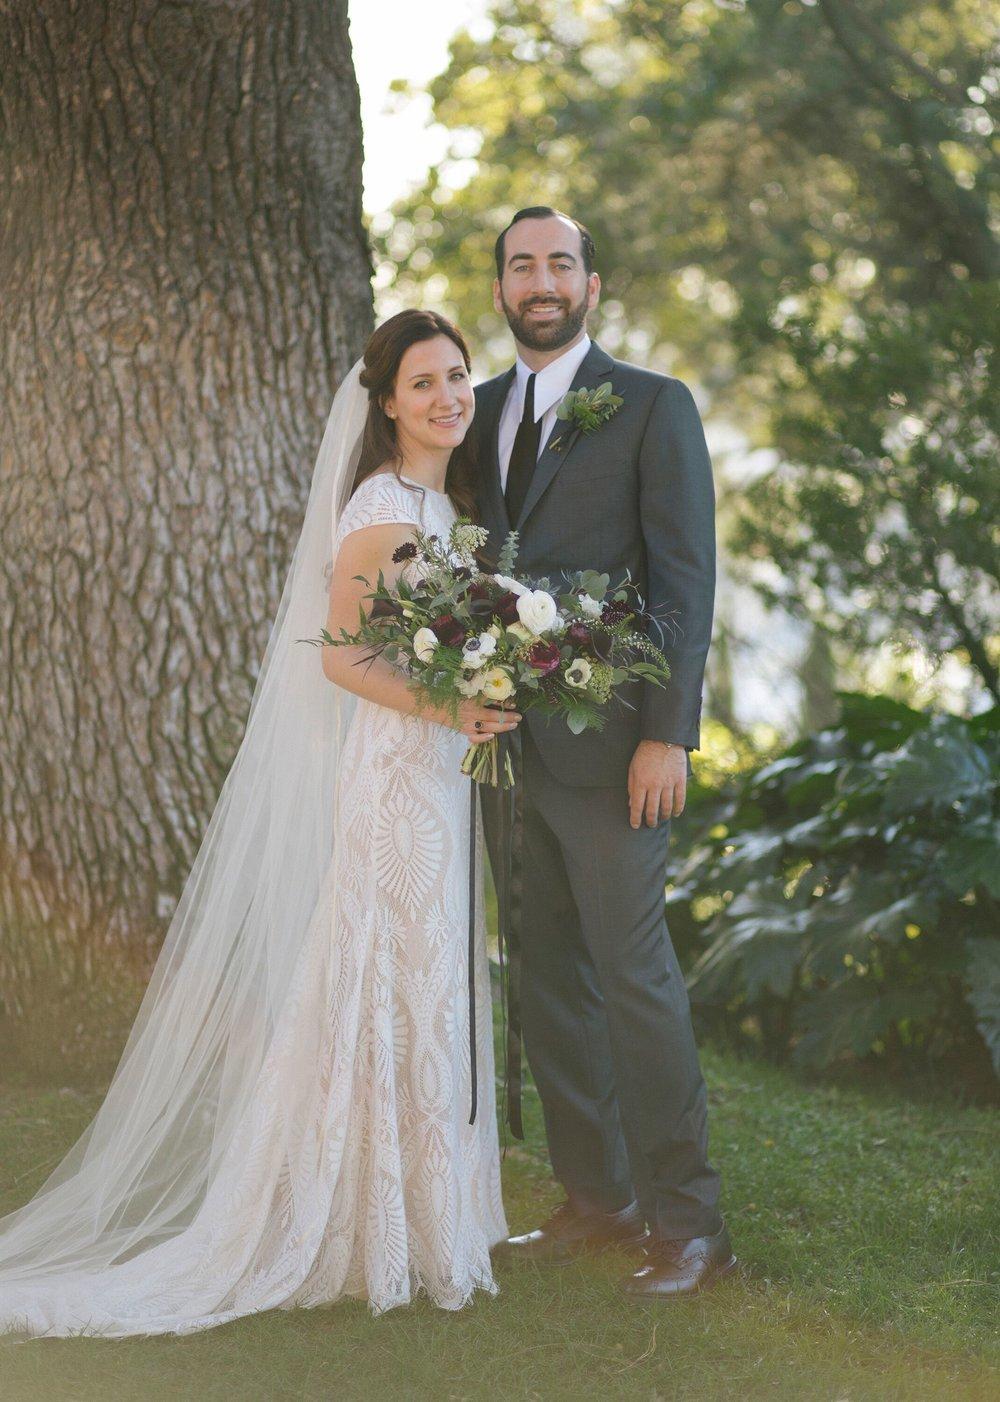 Lorie & Adam- Photo by Rainbeau Tharp